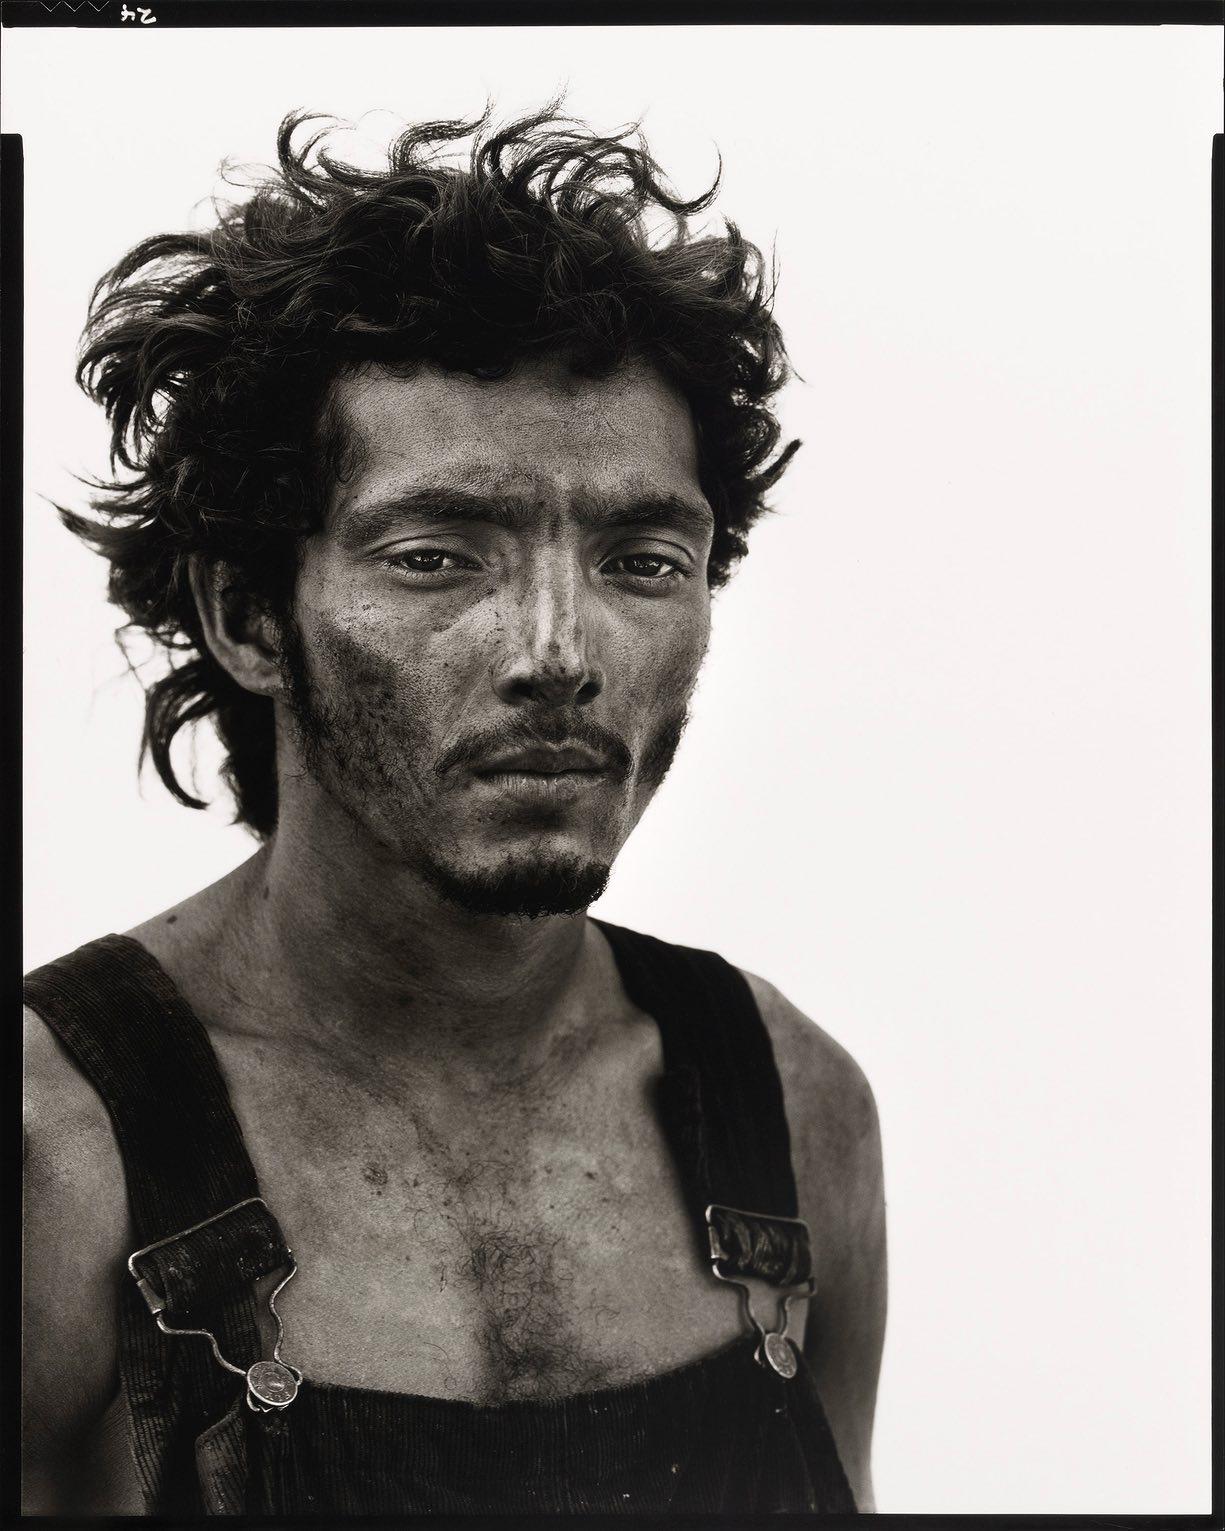 Roberto Lopez, Oil Field Worker, Lyons, Texas, 28 settembre 1980 - Ritratti di Richard Avedon nel West americano